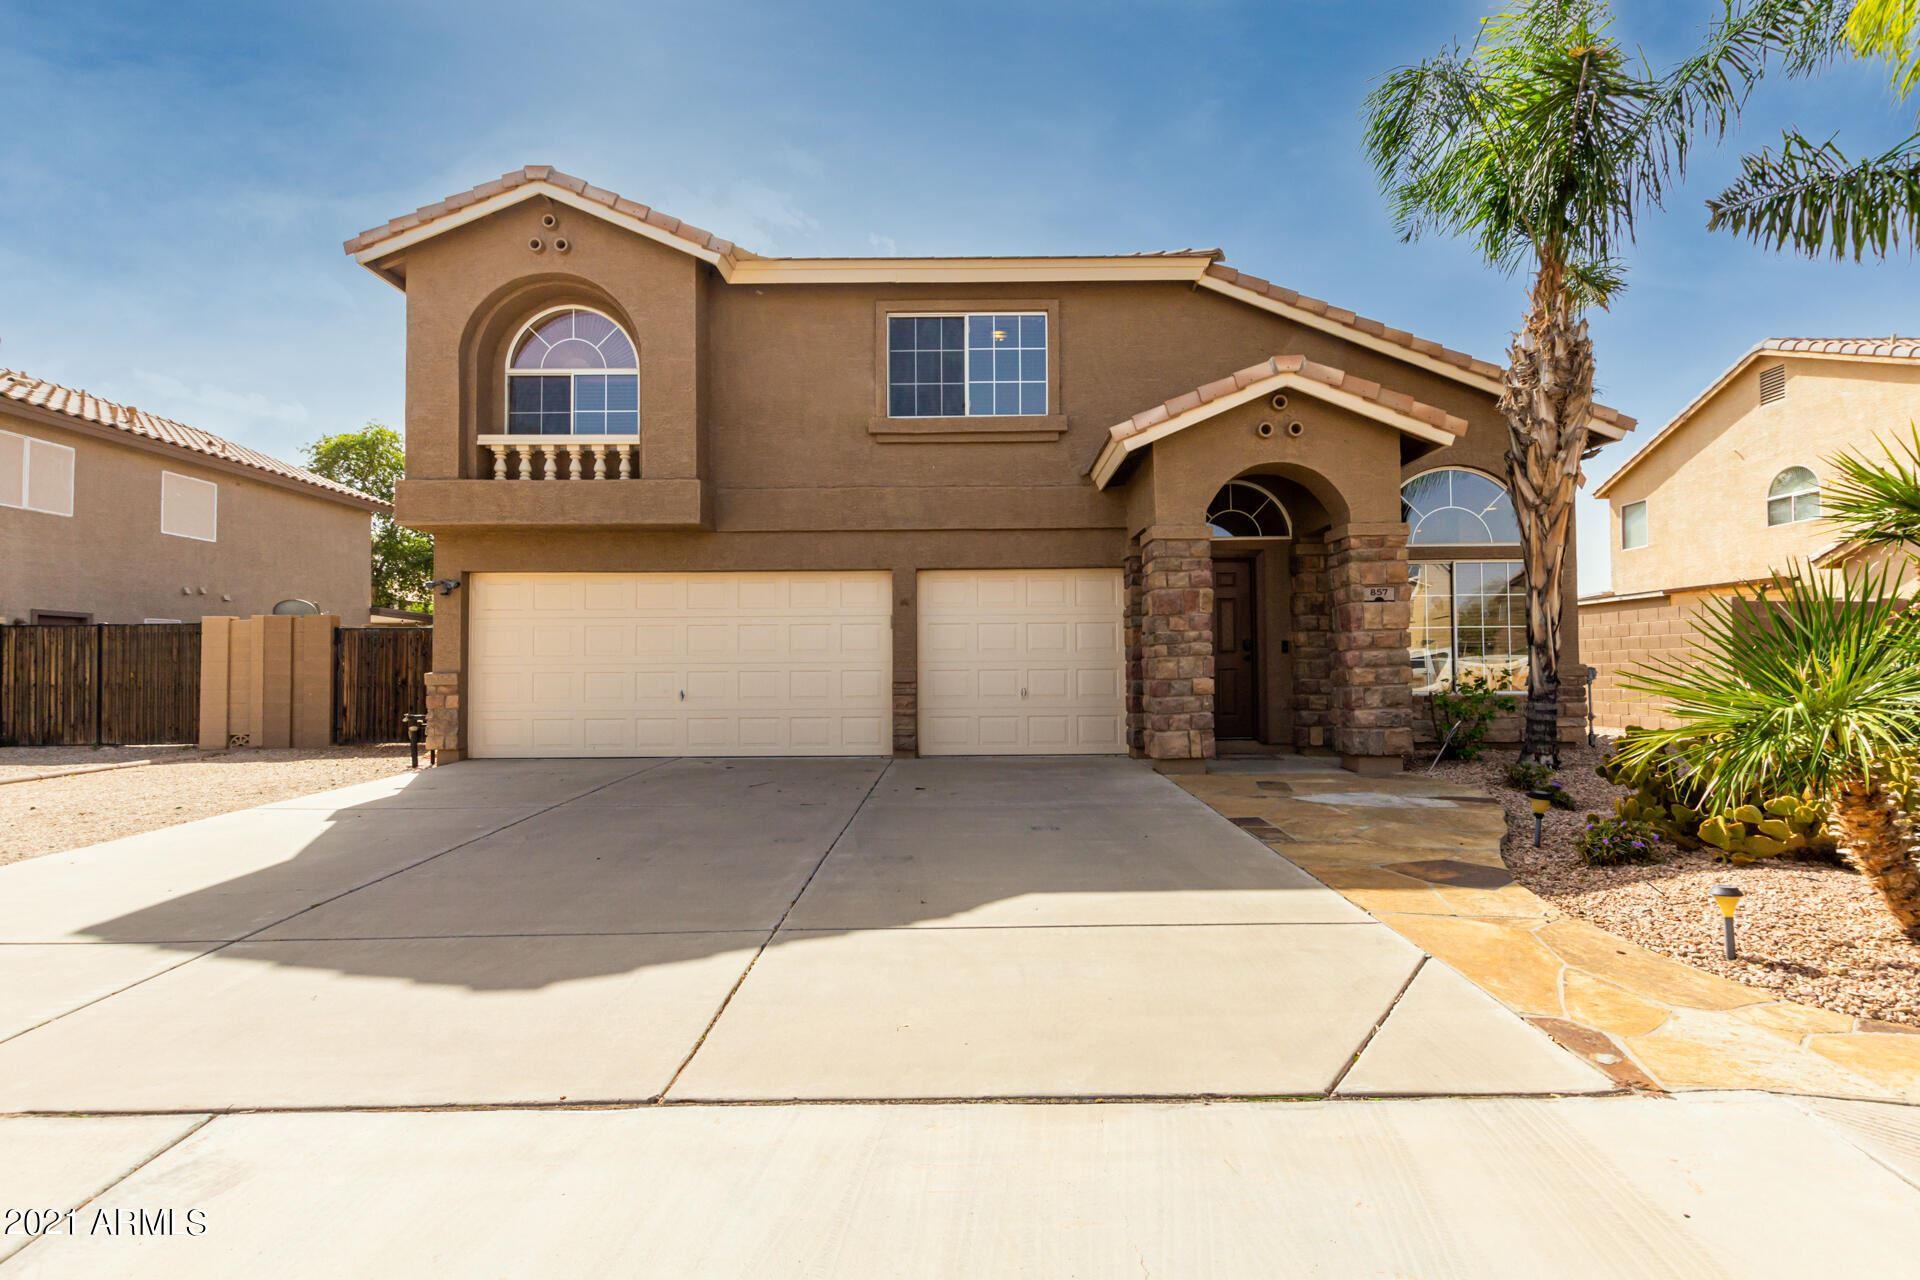 Photo of 857 E STIRRUP Lane, San Tan Valley, AZ 85143 (MLS # 6306445)